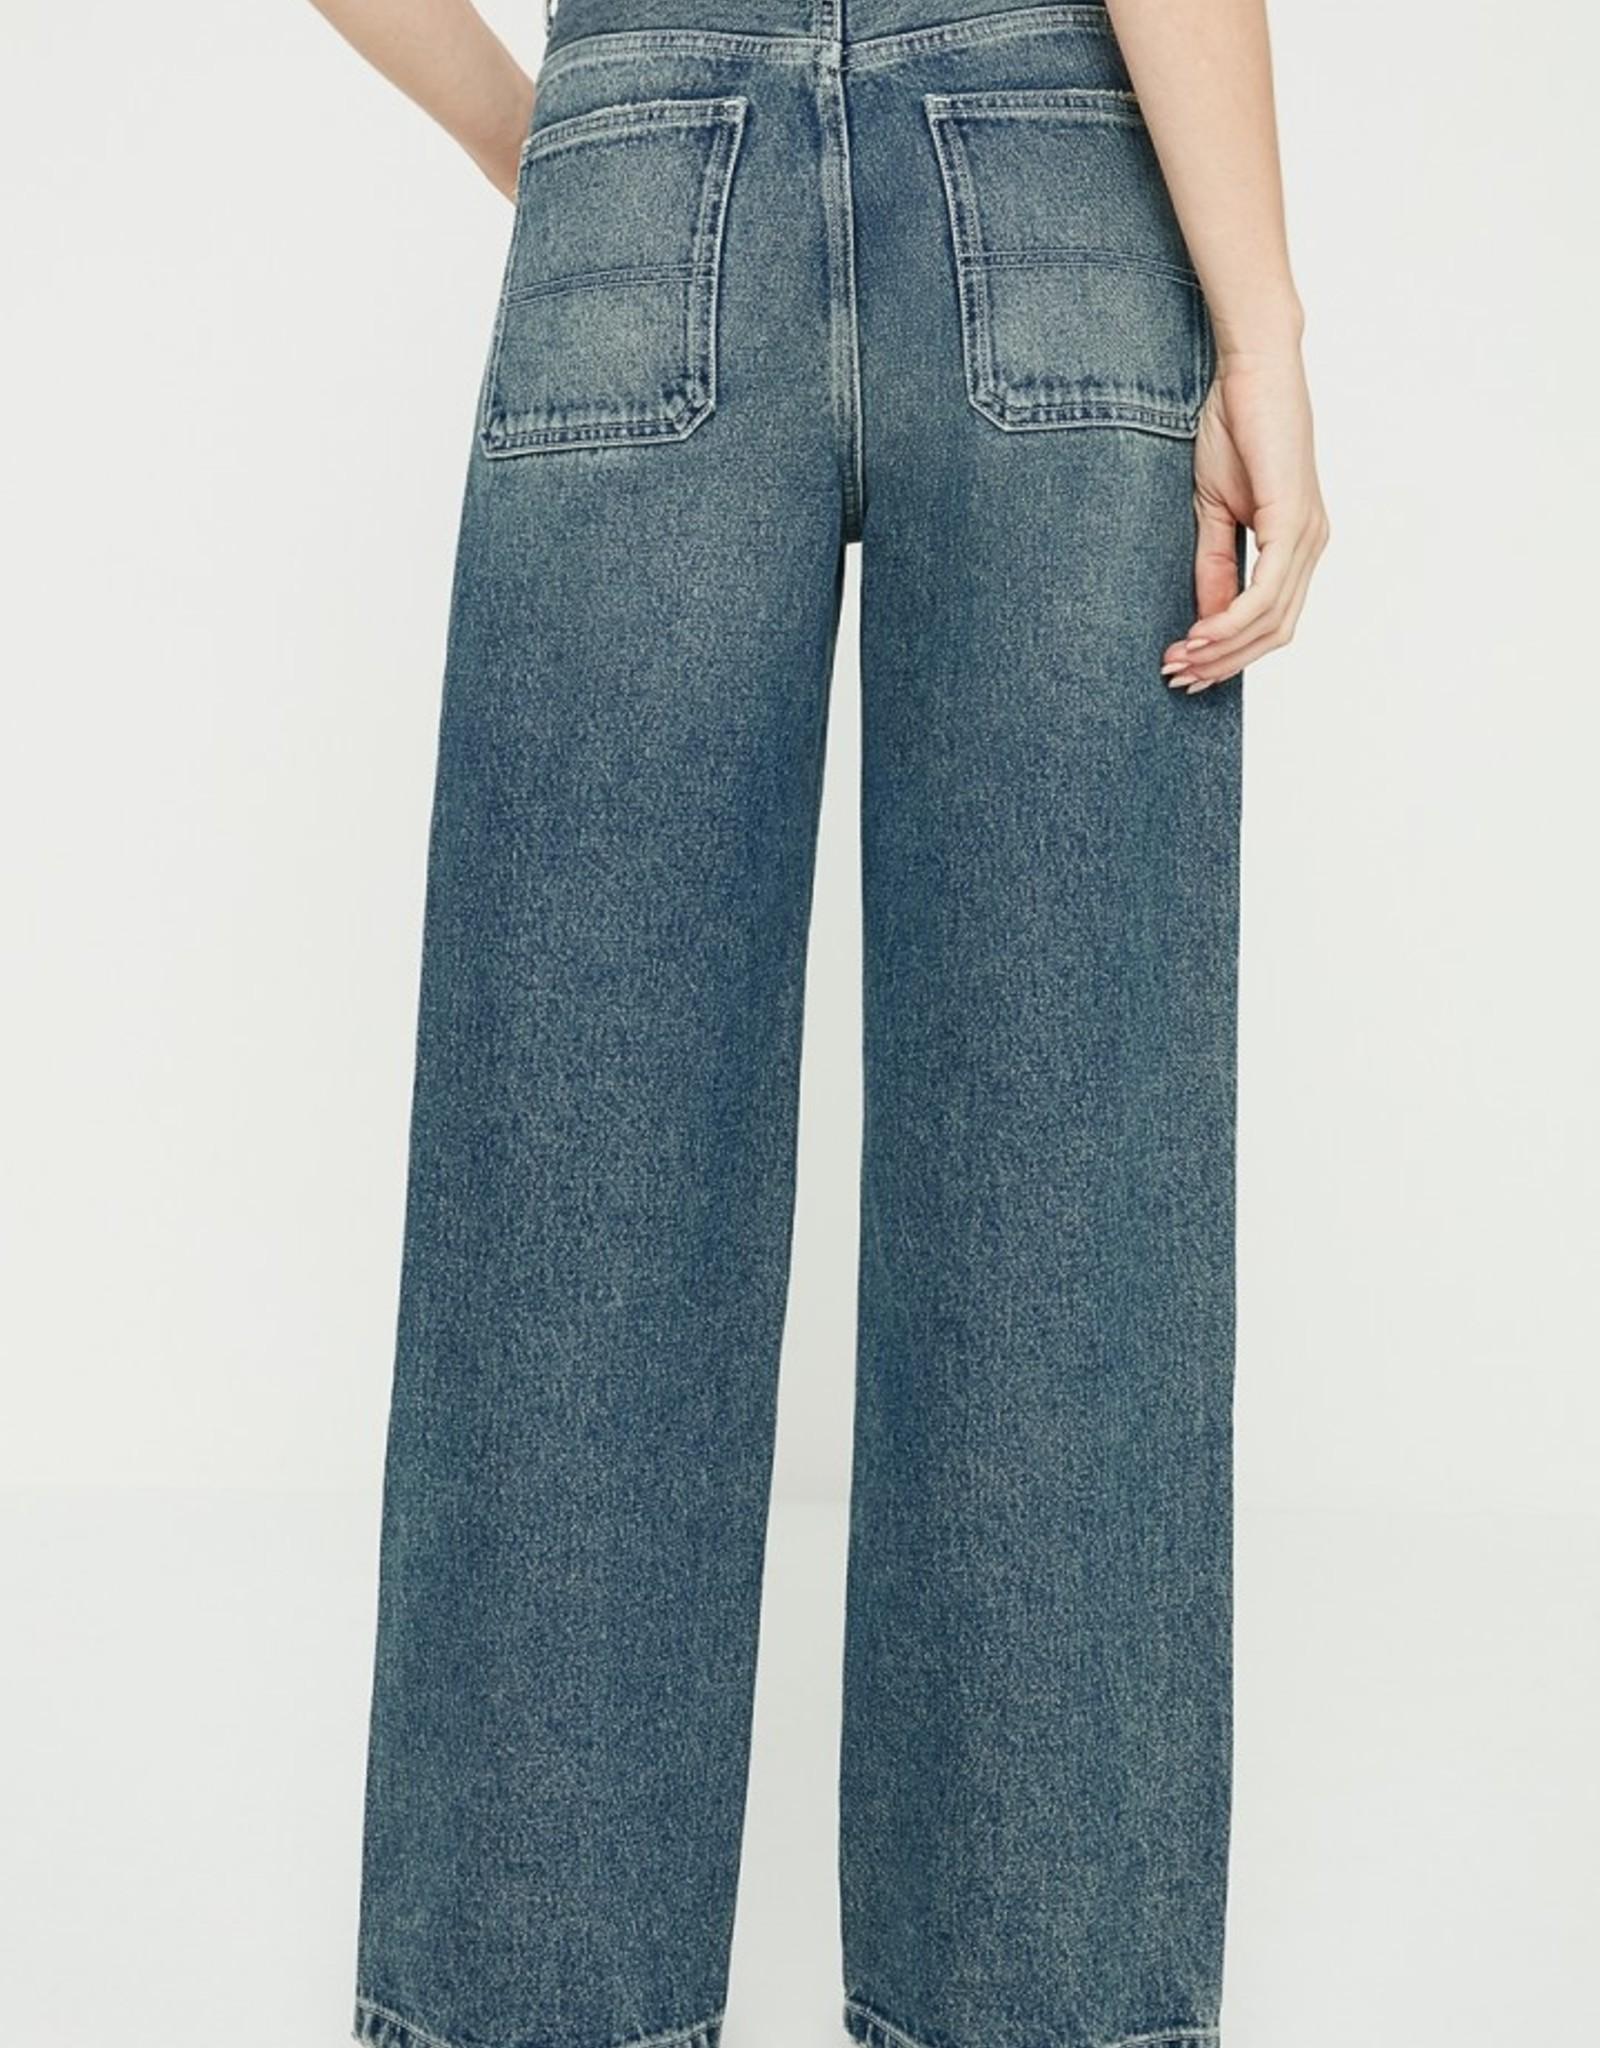 American Vintage Jeans 'Busborow' - Blue Dirty - American Vintage